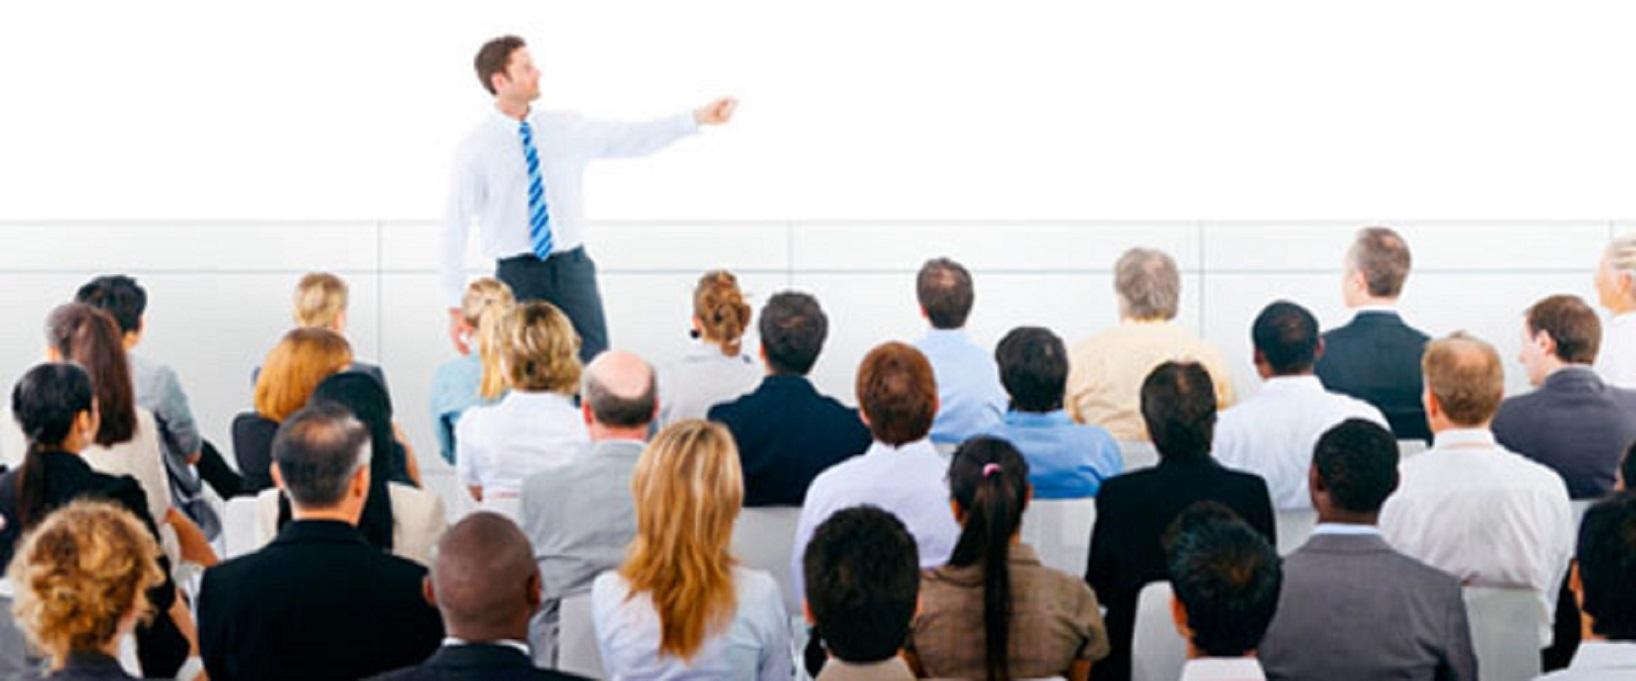 Formazione a multinazionale e coinvolgimento di MicrocosmoPoint